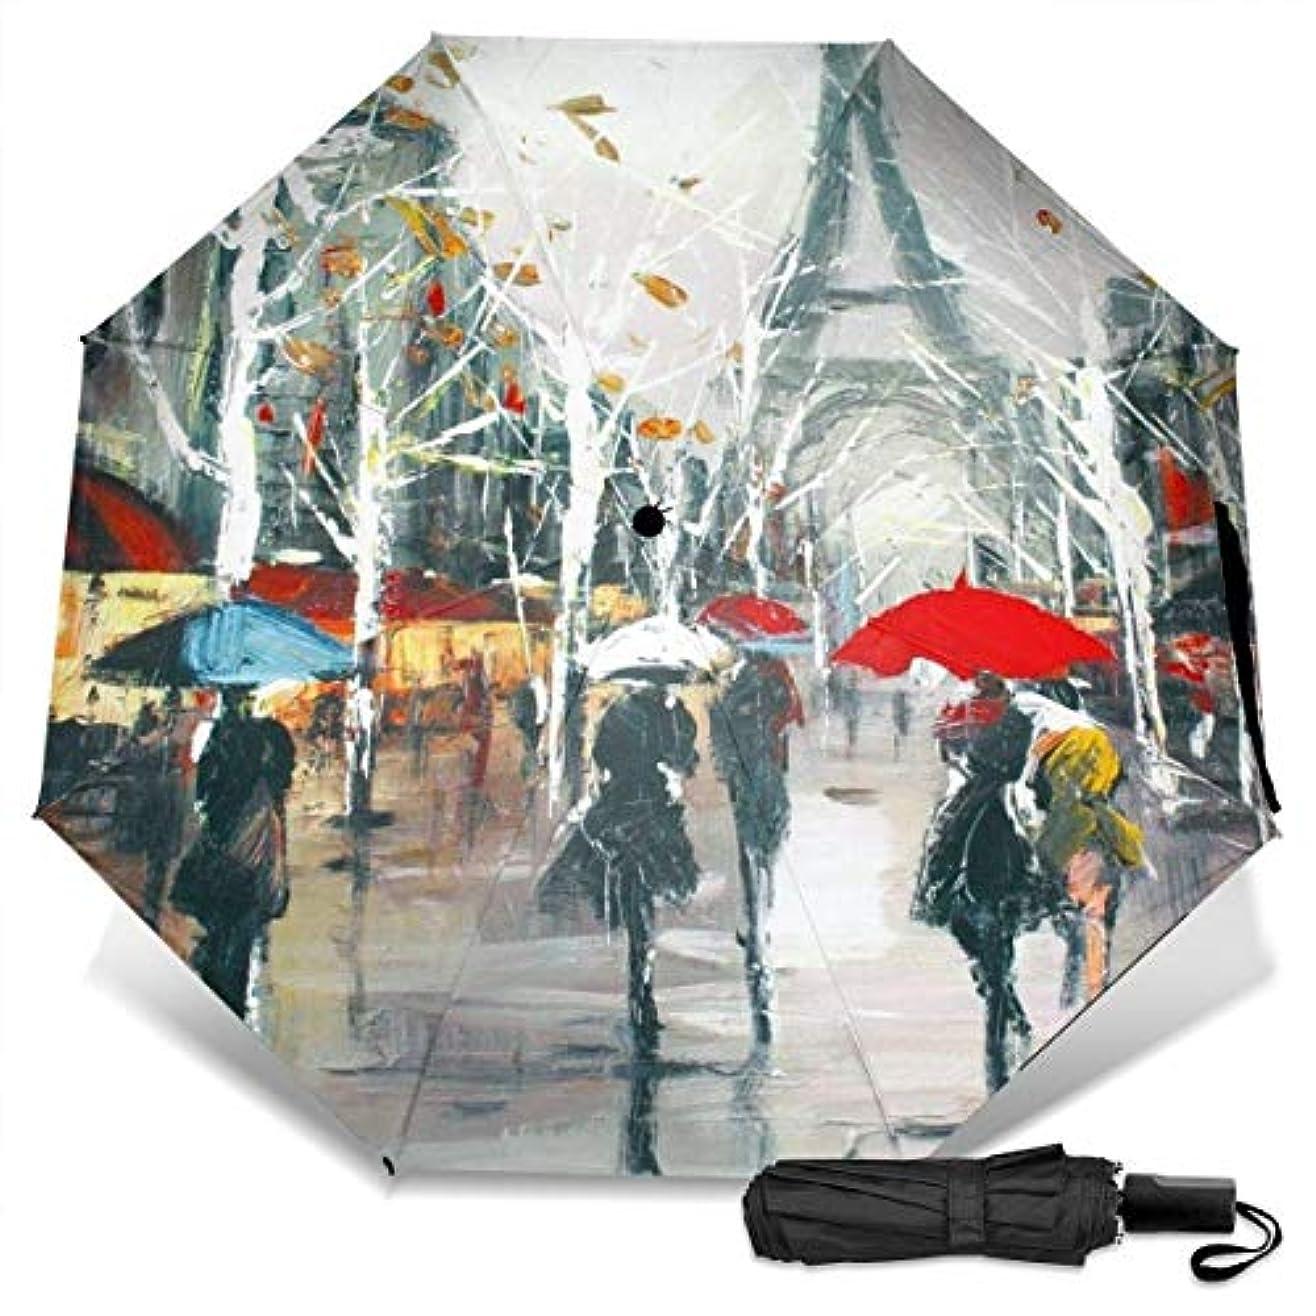 の配列酸度聡明Rain Paris City Streetエッフェル塔折りたたみ傘 軽量 手動三つ折り傘 日傘 耐風撥水 晴雨兼用 遮光遮熱 紫外線対策 携帯用かさ 出張旅行通勤 女性と男性用 (黒ゴム)